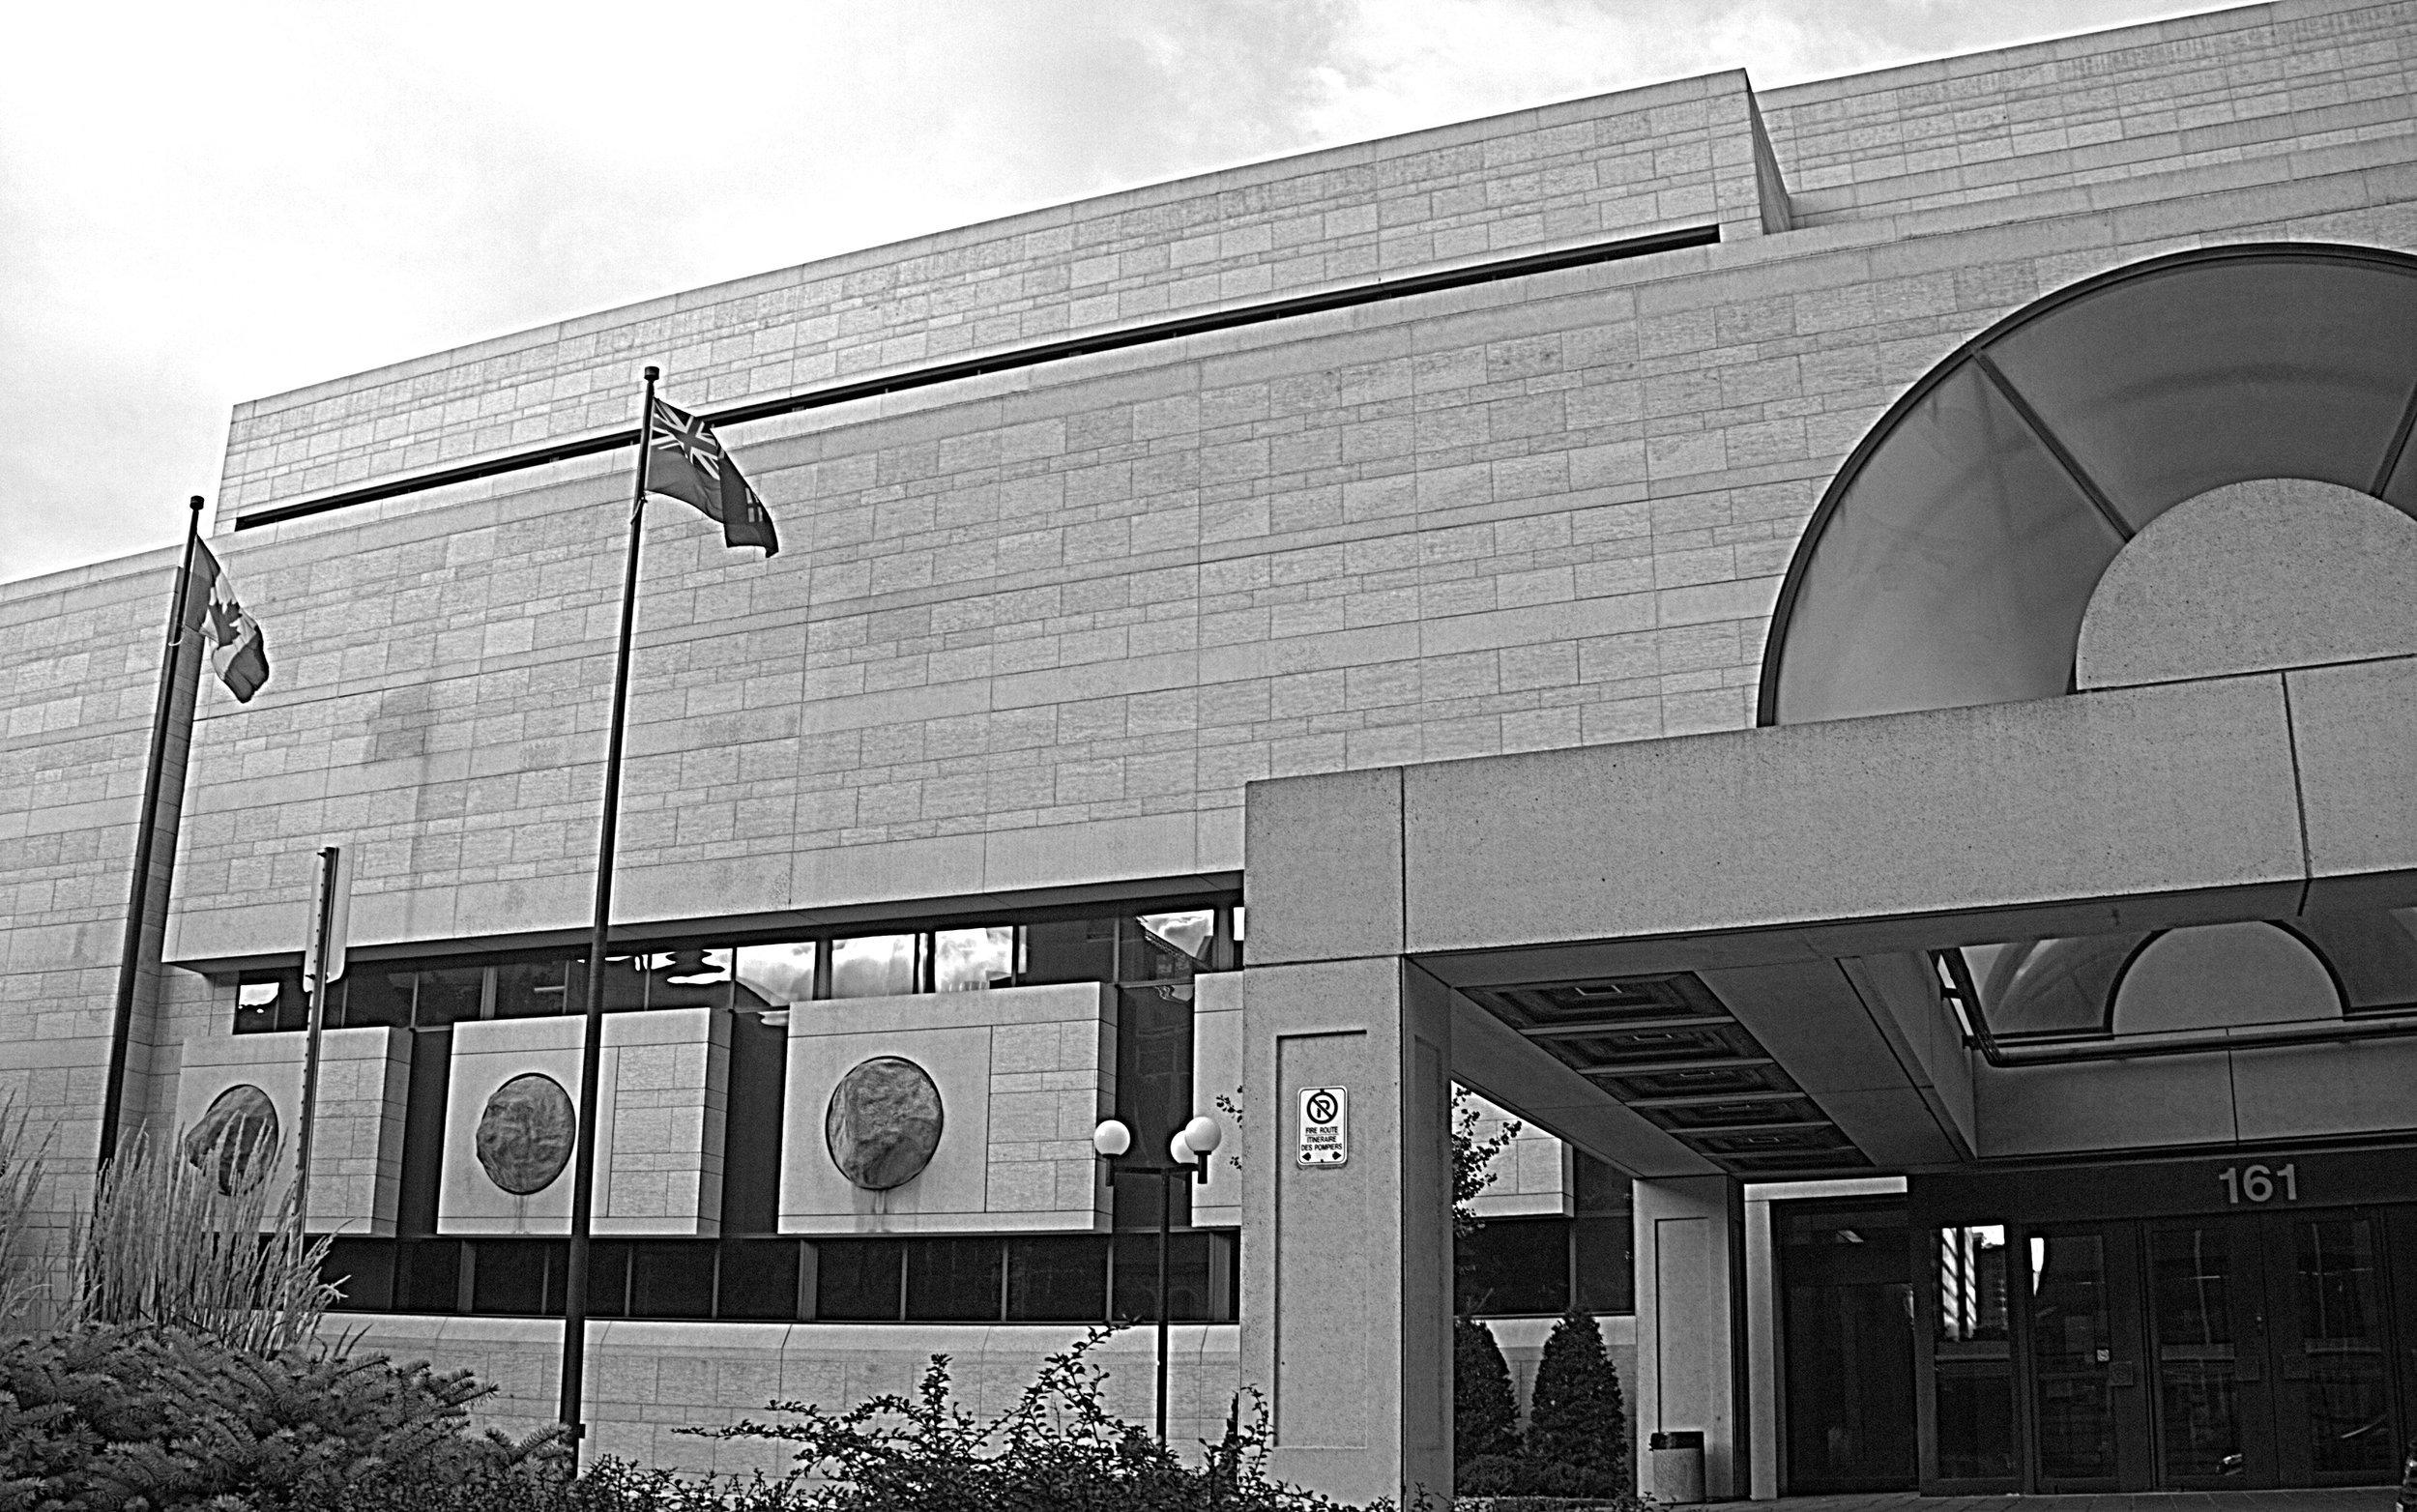 The Elgin Street Courthouse, 161 Elgin Street, Ottawa.